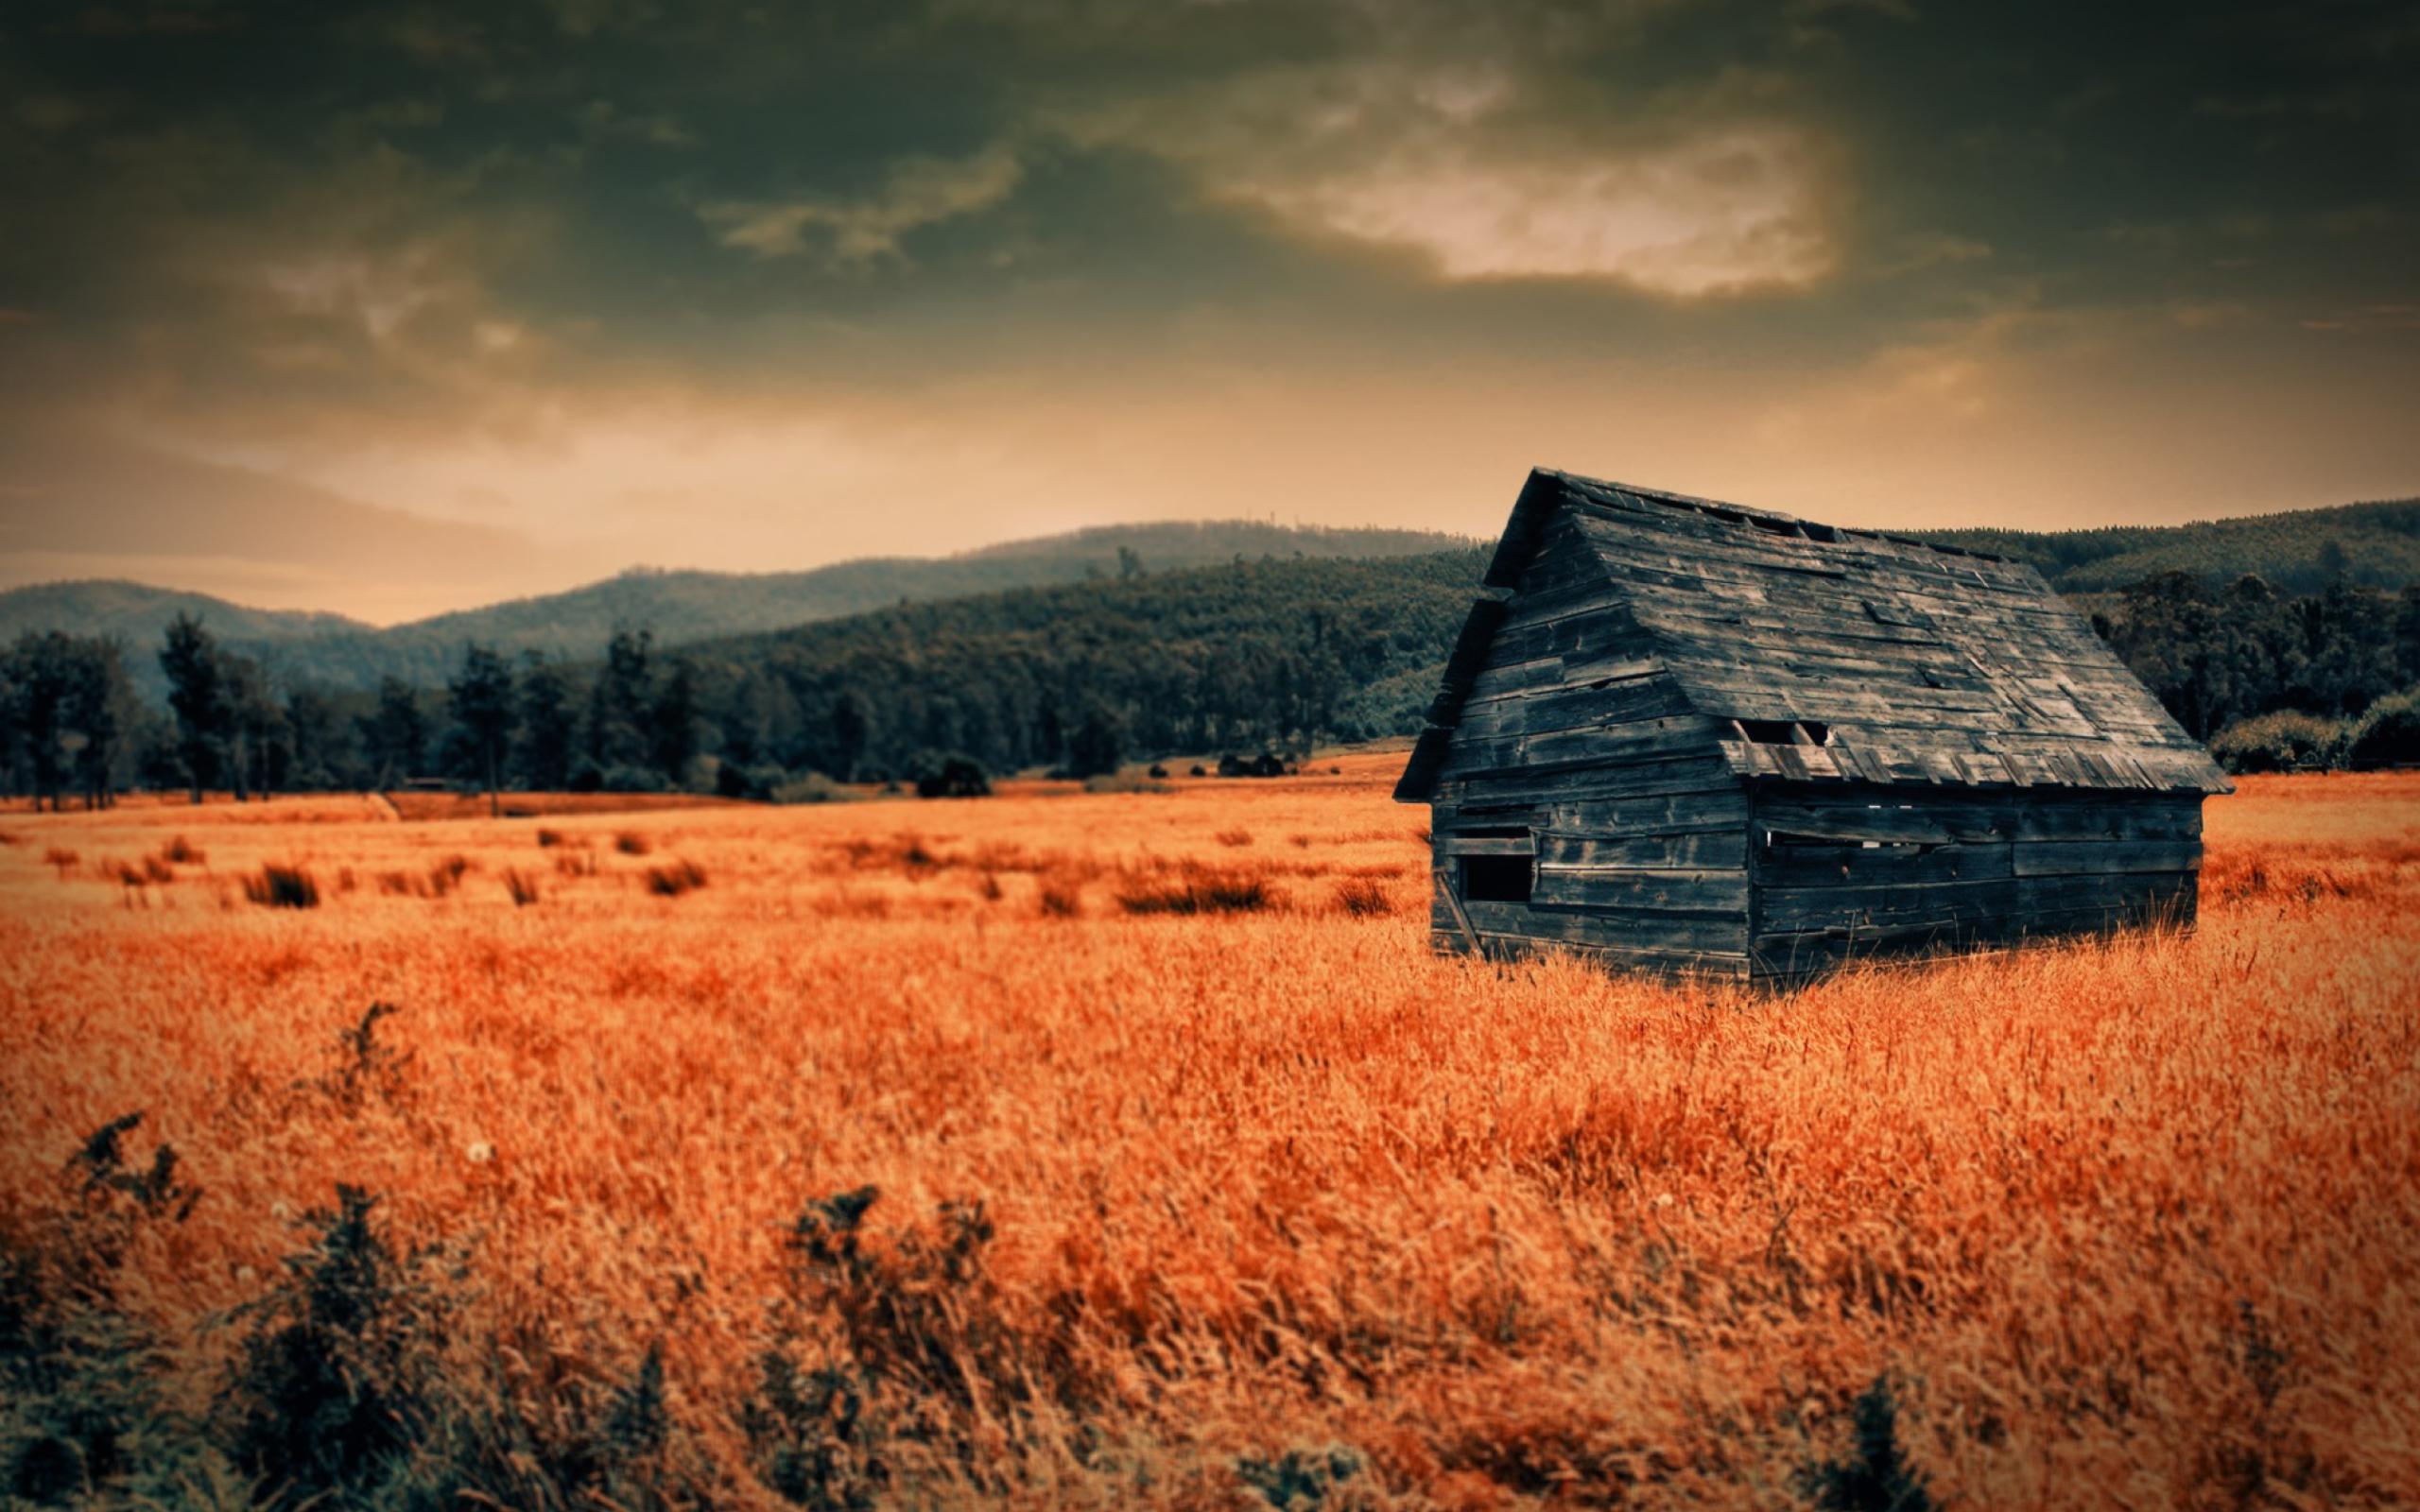 горы сарай осень mountains the barn autumn  № 387014 загрузить